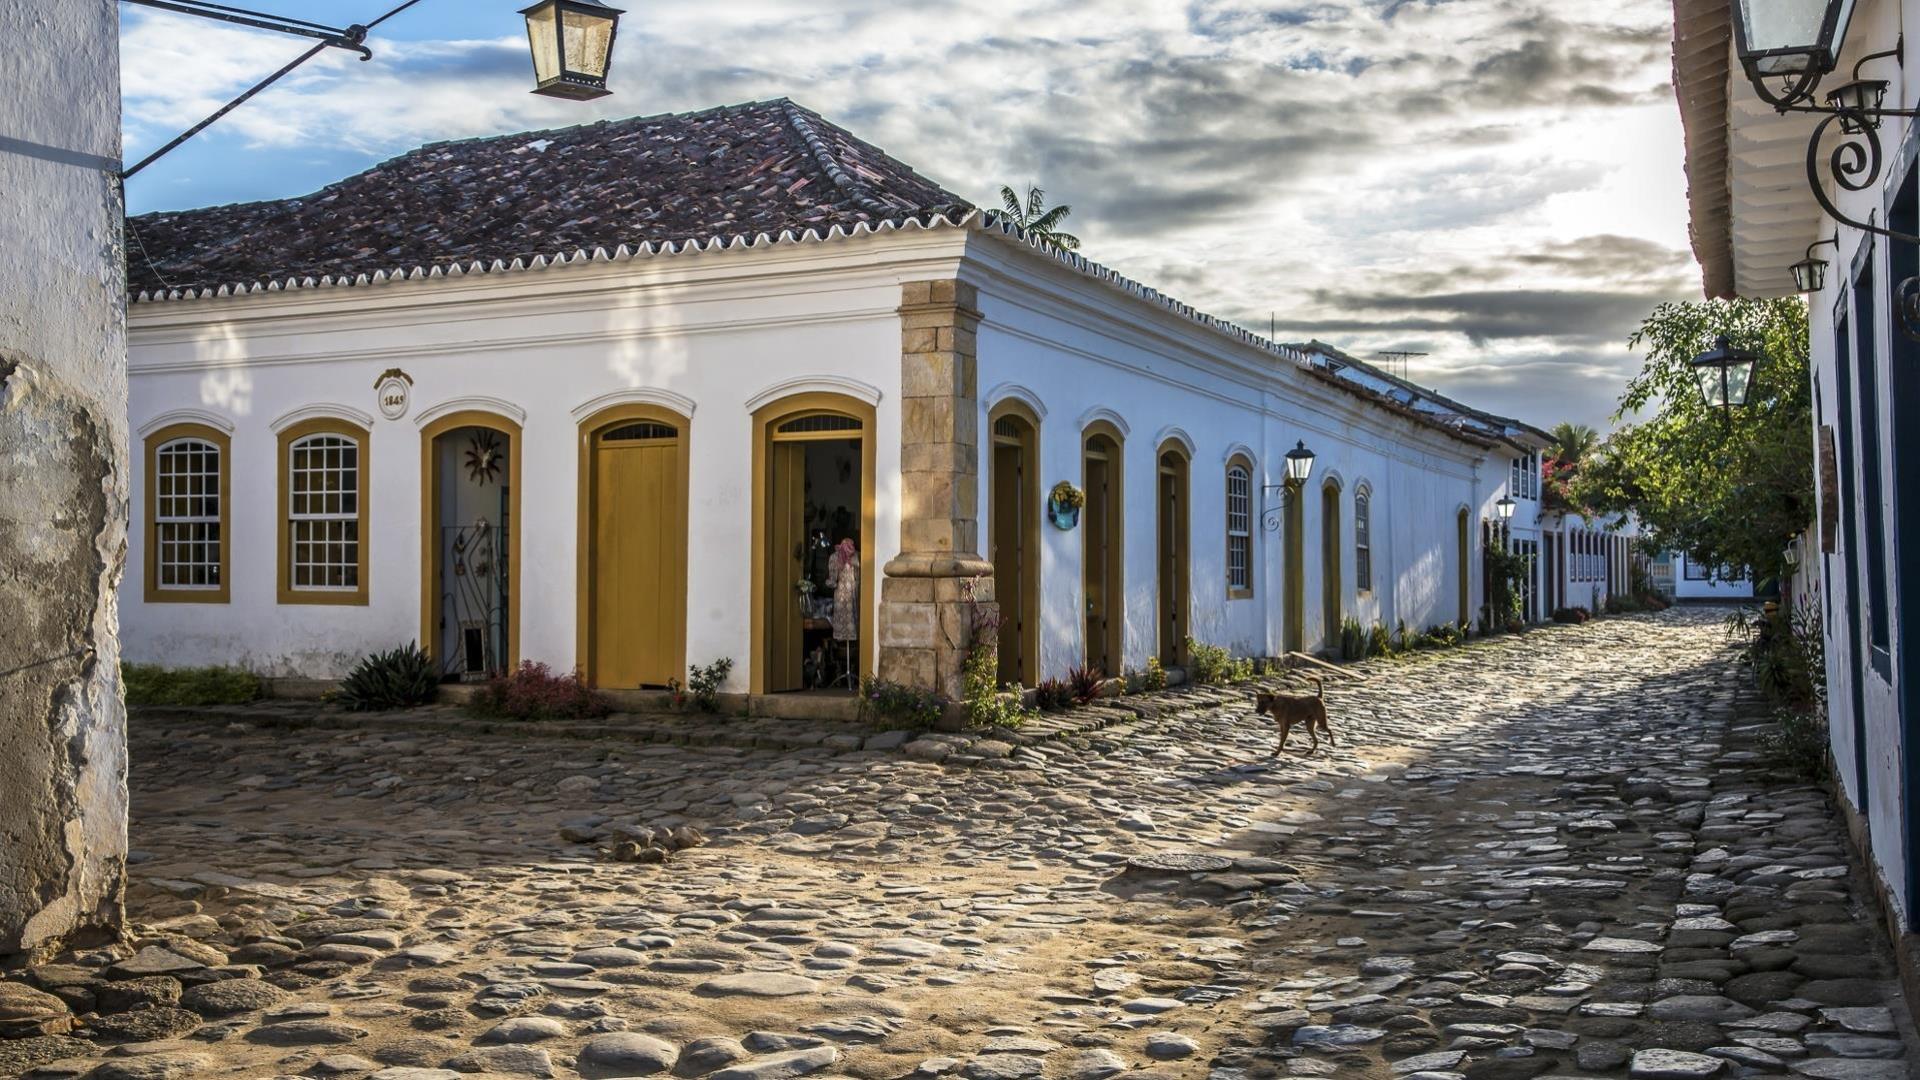 Brasilien Rio de Janeiro: 4 Tage Reisebaustein - Paraty naturnah erleben